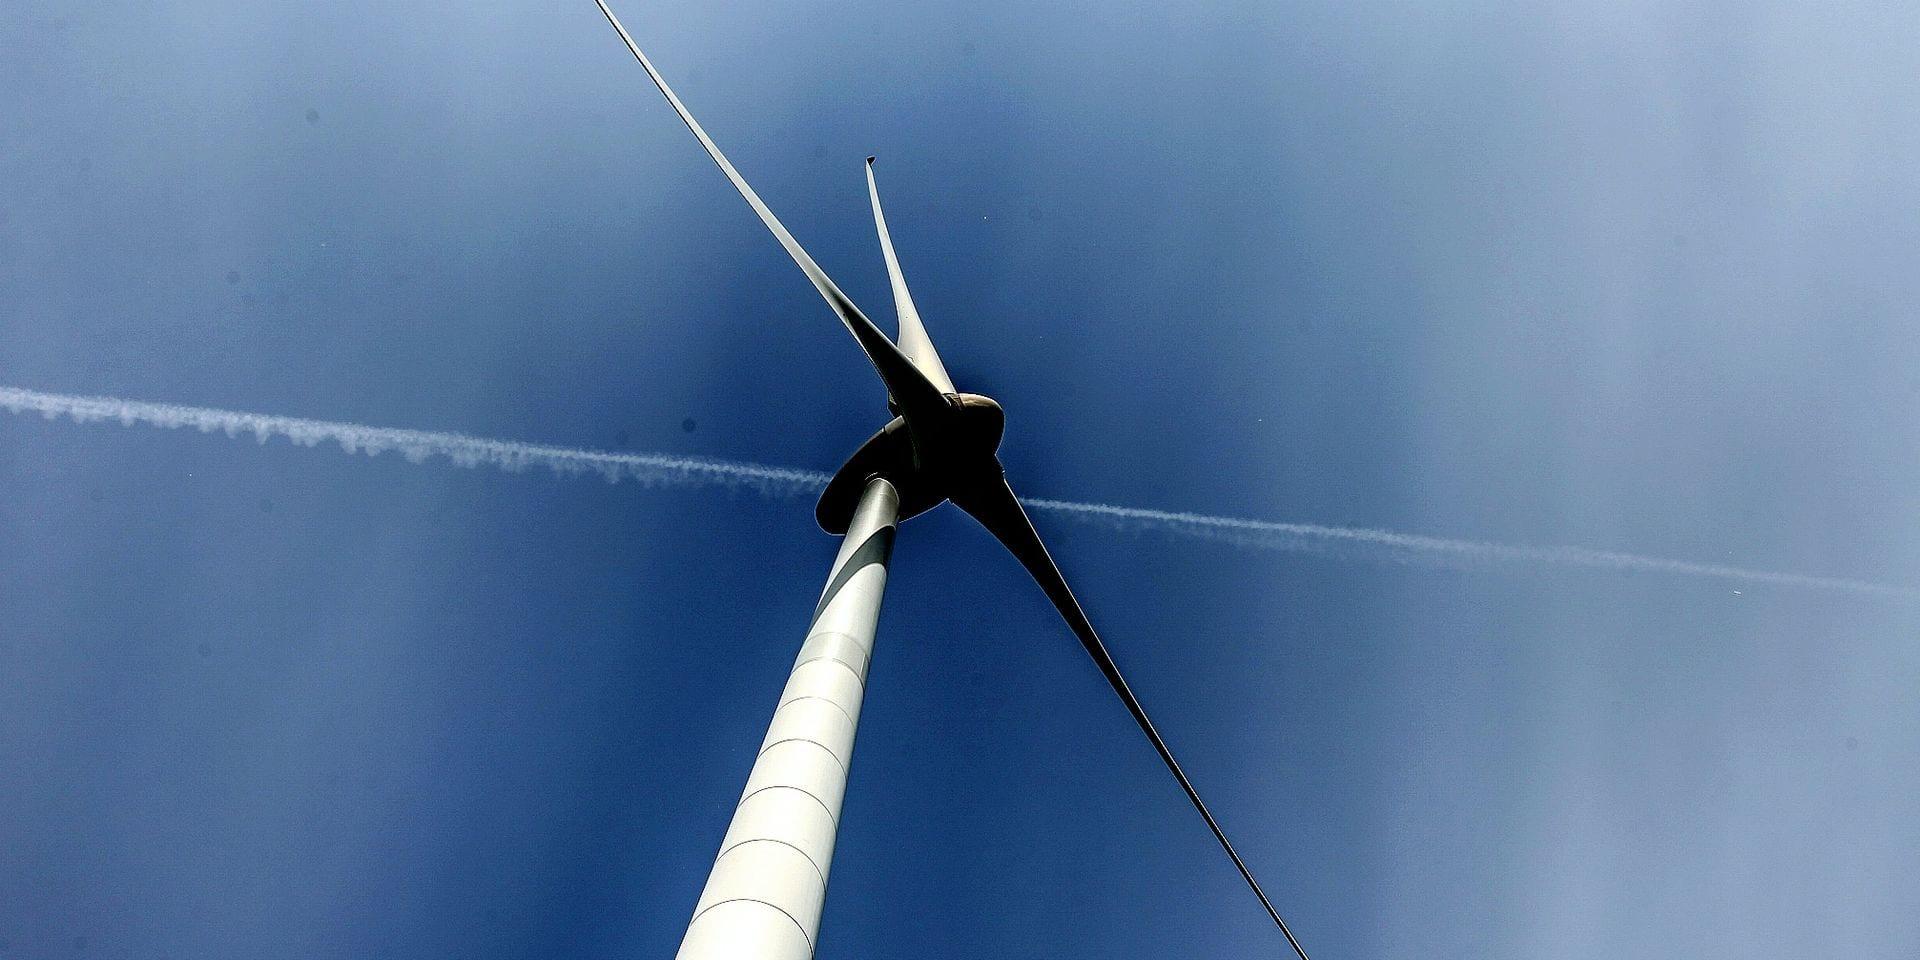 Quatre éoliennes à Molenbaix-Velaines?